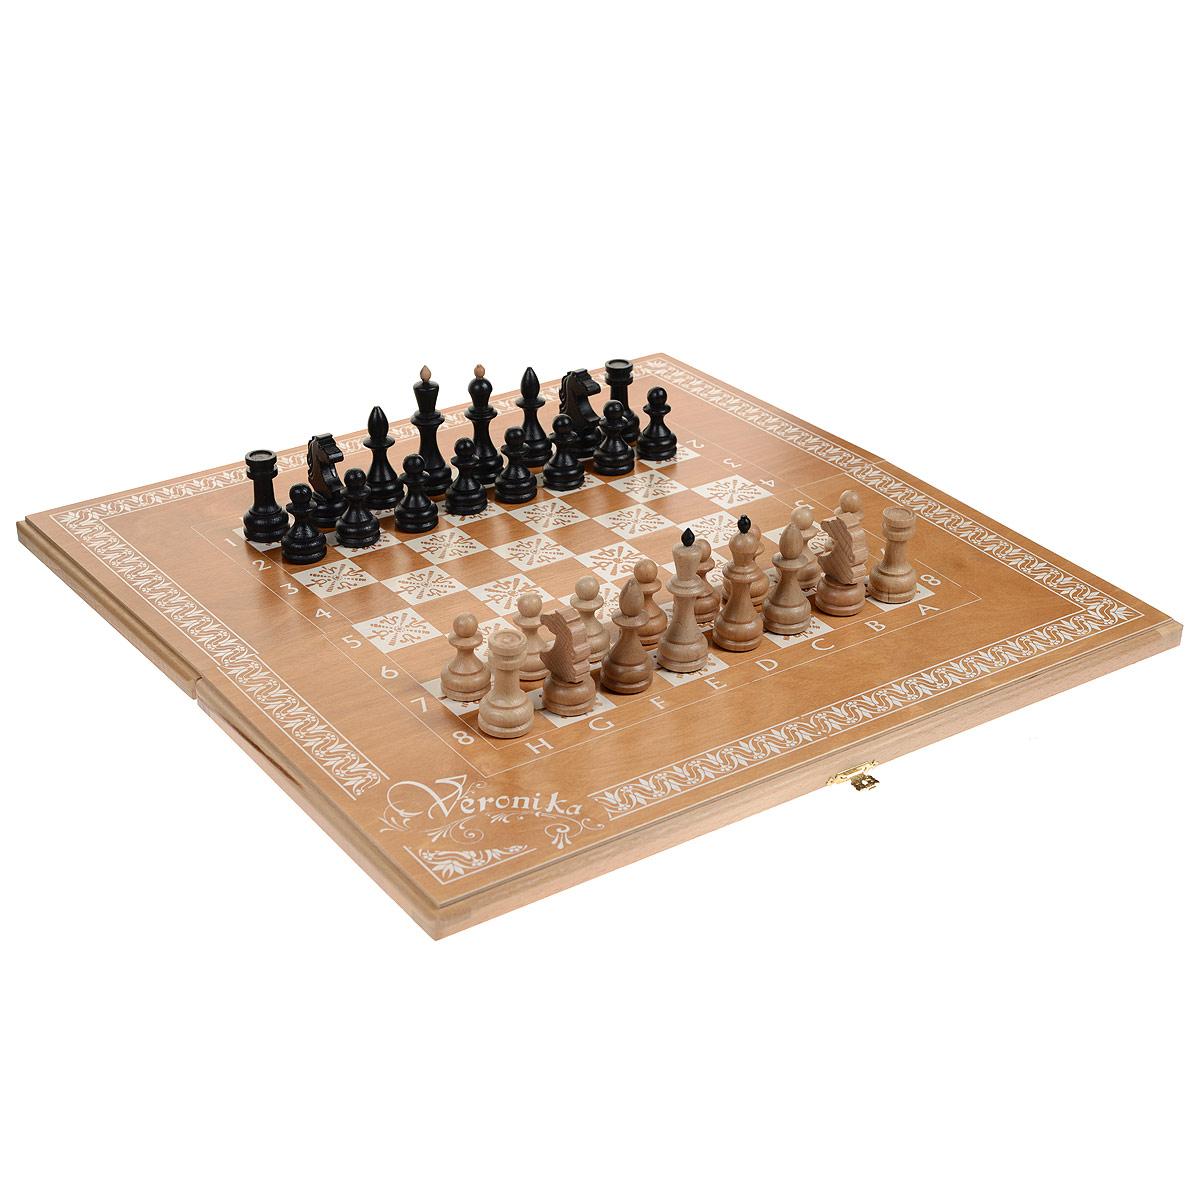 Игровой набор 3в1 Чудесные: нарды, шахматы, шашки, размер: 60х30х4,2 см. 72037203Игровой набор 3в1 Чудесный упакован в деревянный кейс и включает в себя шахматы, шашки и нарды. Кейс закрывается на металлический замок. Внутренняя и внешняя стороны кейса представляют собой игровые поля. В наборе - 2 игральных кубика, деревянные шашки и шахматные фигуры. Шахматы, шашки и нарды - это увлекательные игры, которые помогут развить логическое мышление и позволят вам интересно и с пользой провести время. Кроме того, такой набор можно взять с собой в дорогу.